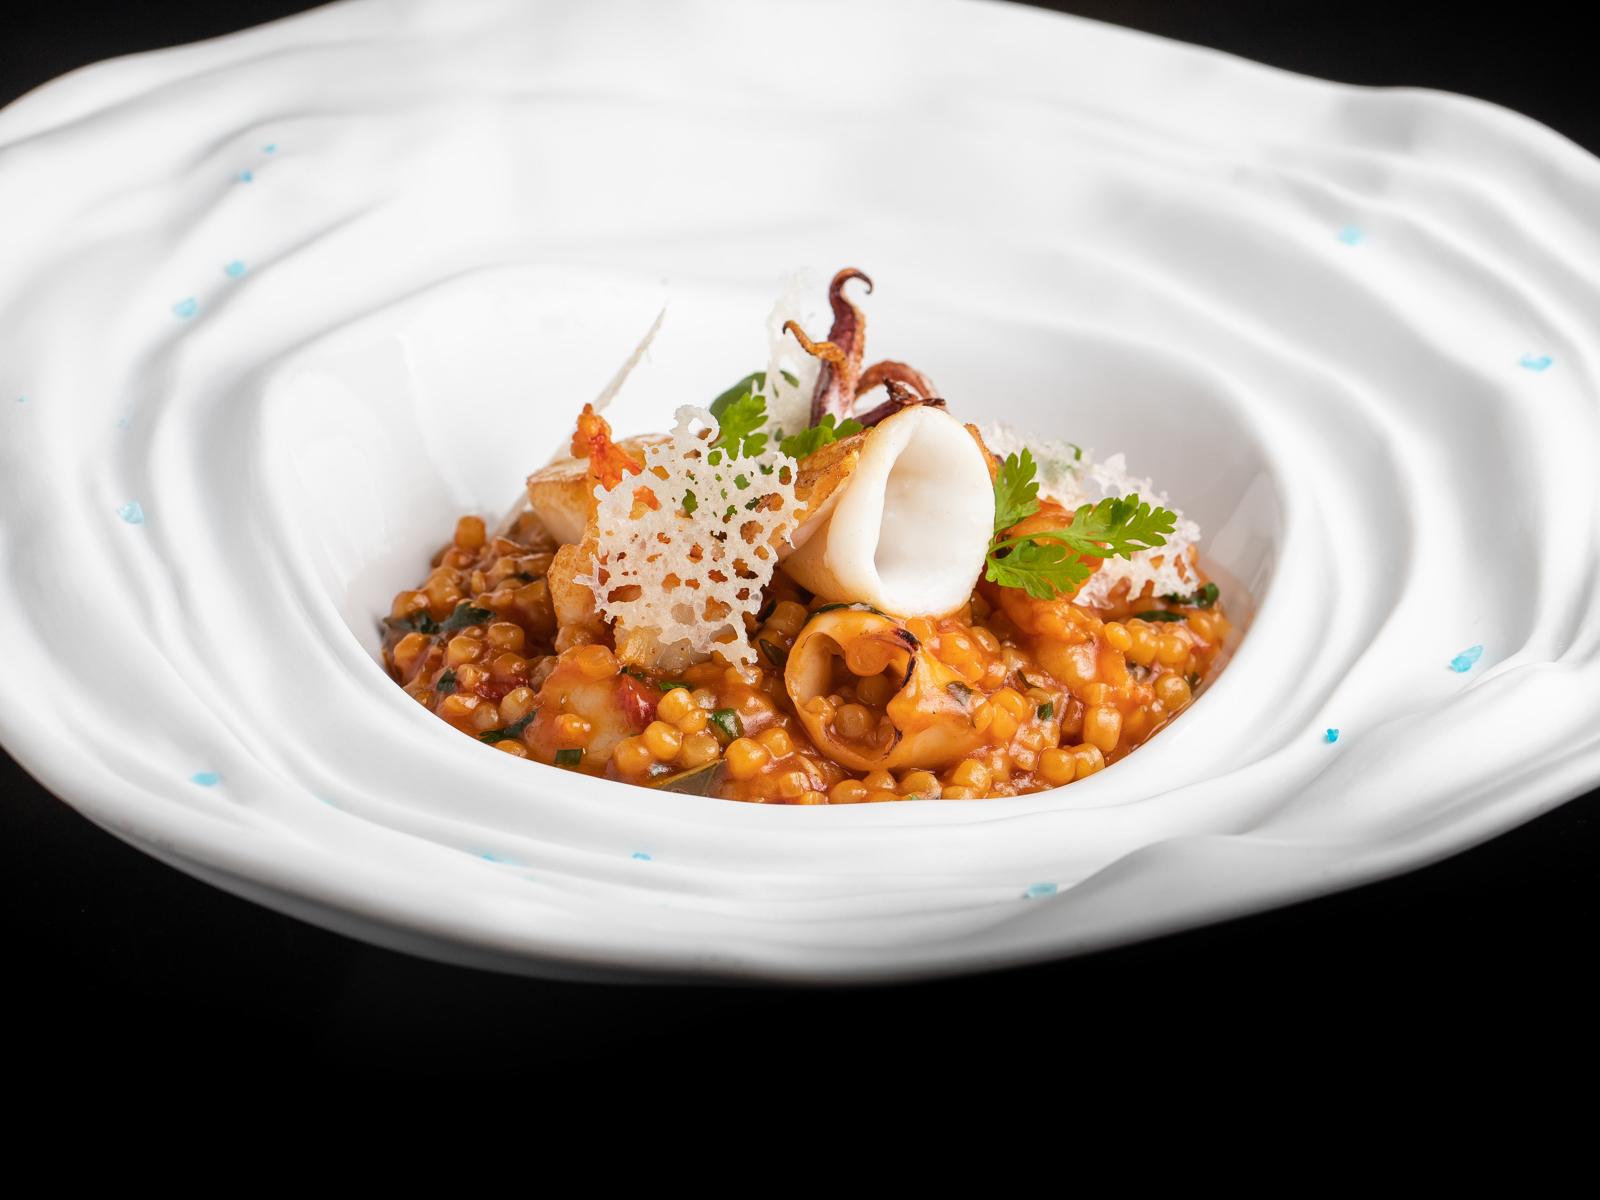 Фрегола с морепродуктами в томатном соусе